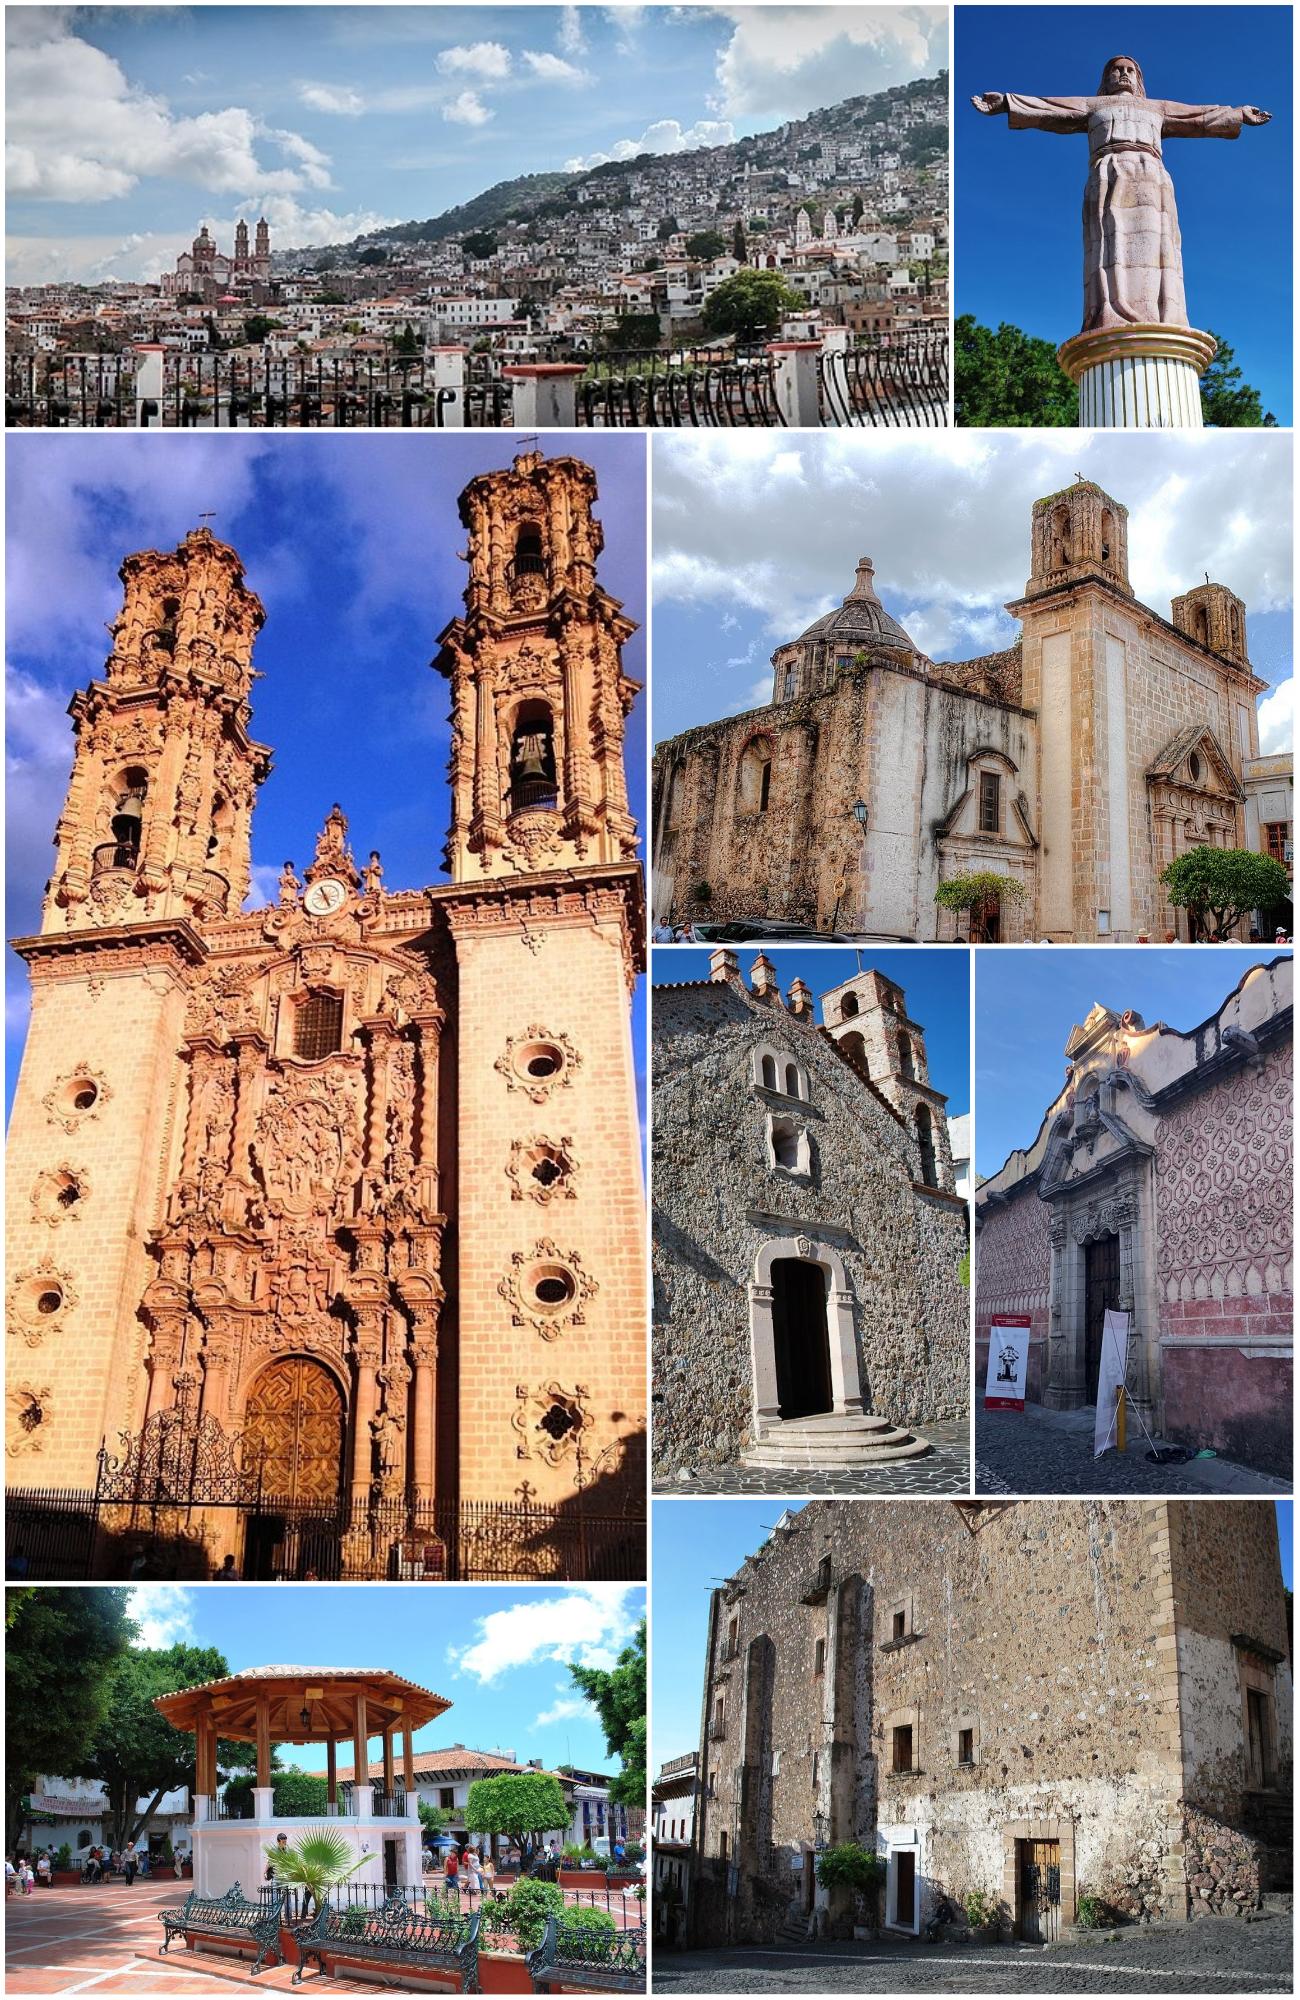 cad61fac98dd Taxco de Alarcón - Wikipedia